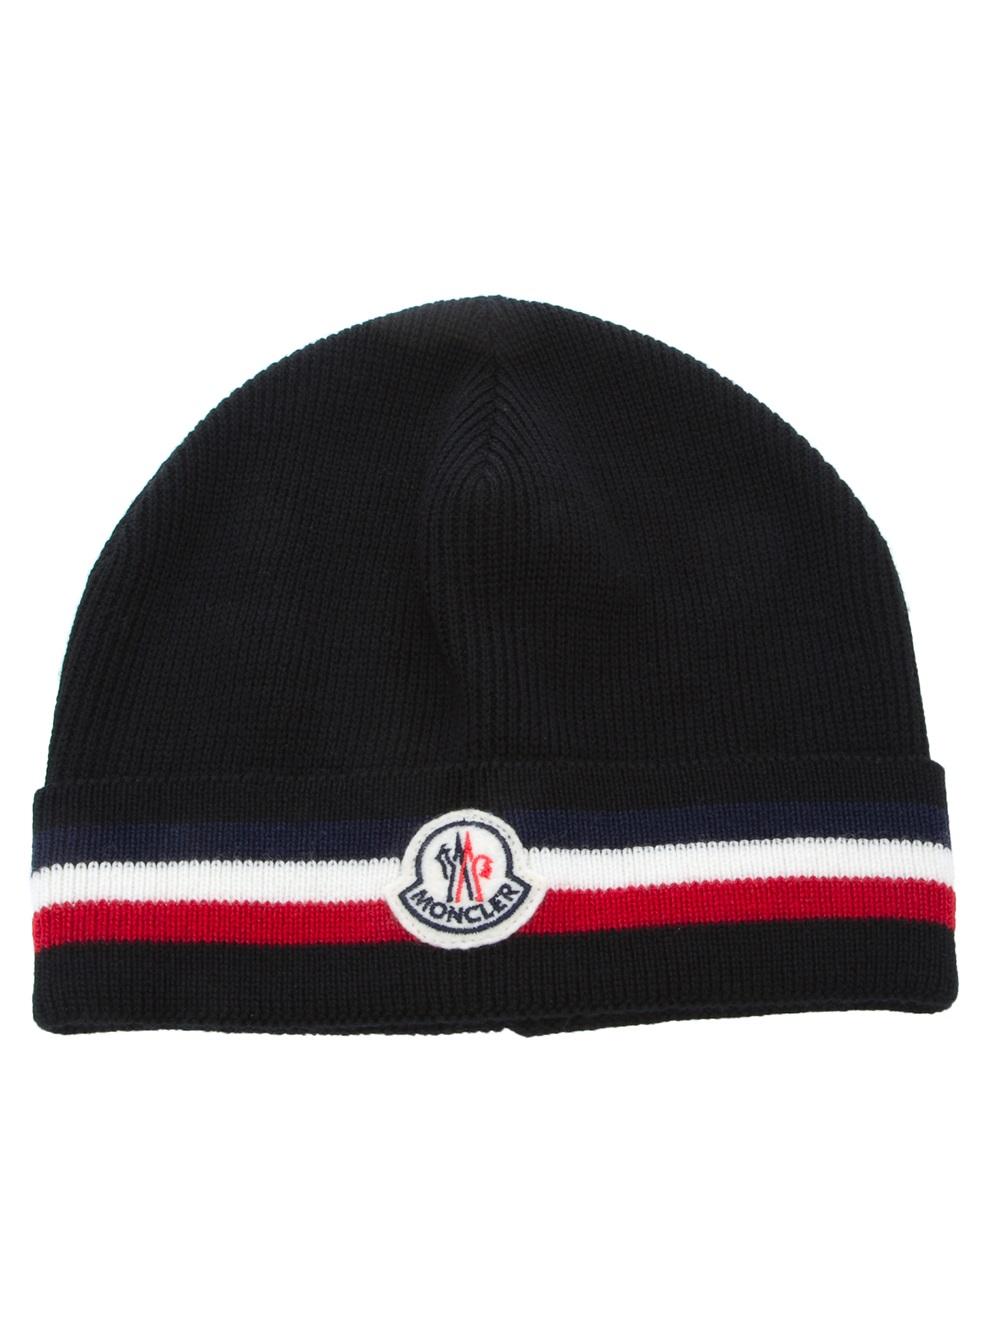 b658547fe65 Lyst - Moncler Beanie Hat in Black for Men